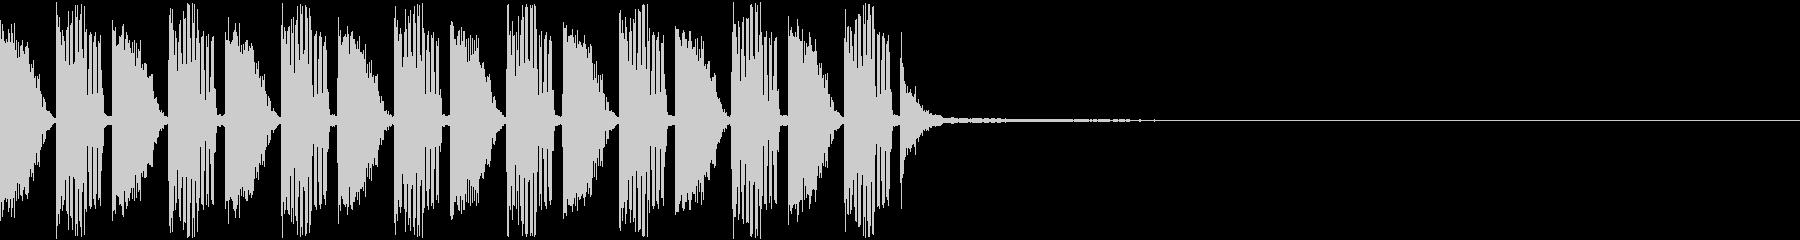 スローテンポEDMジングル2の未再生の波形